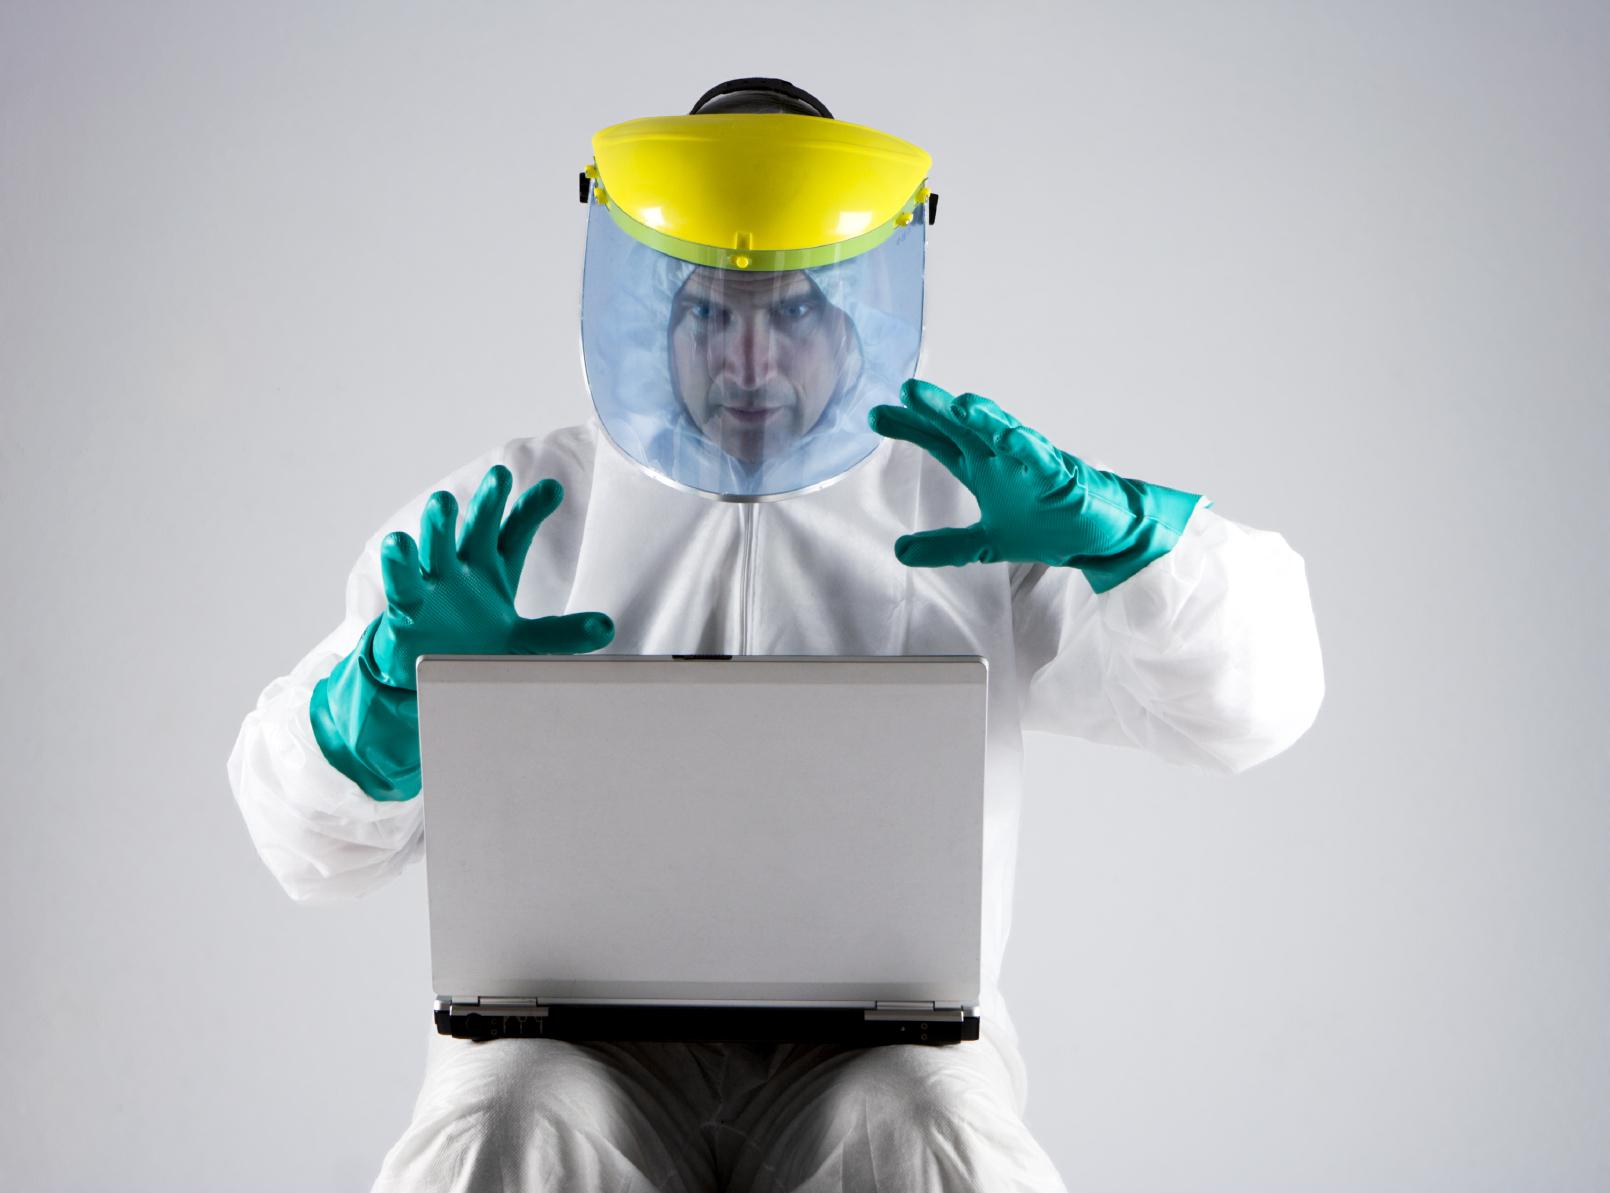 Hazmat computer user